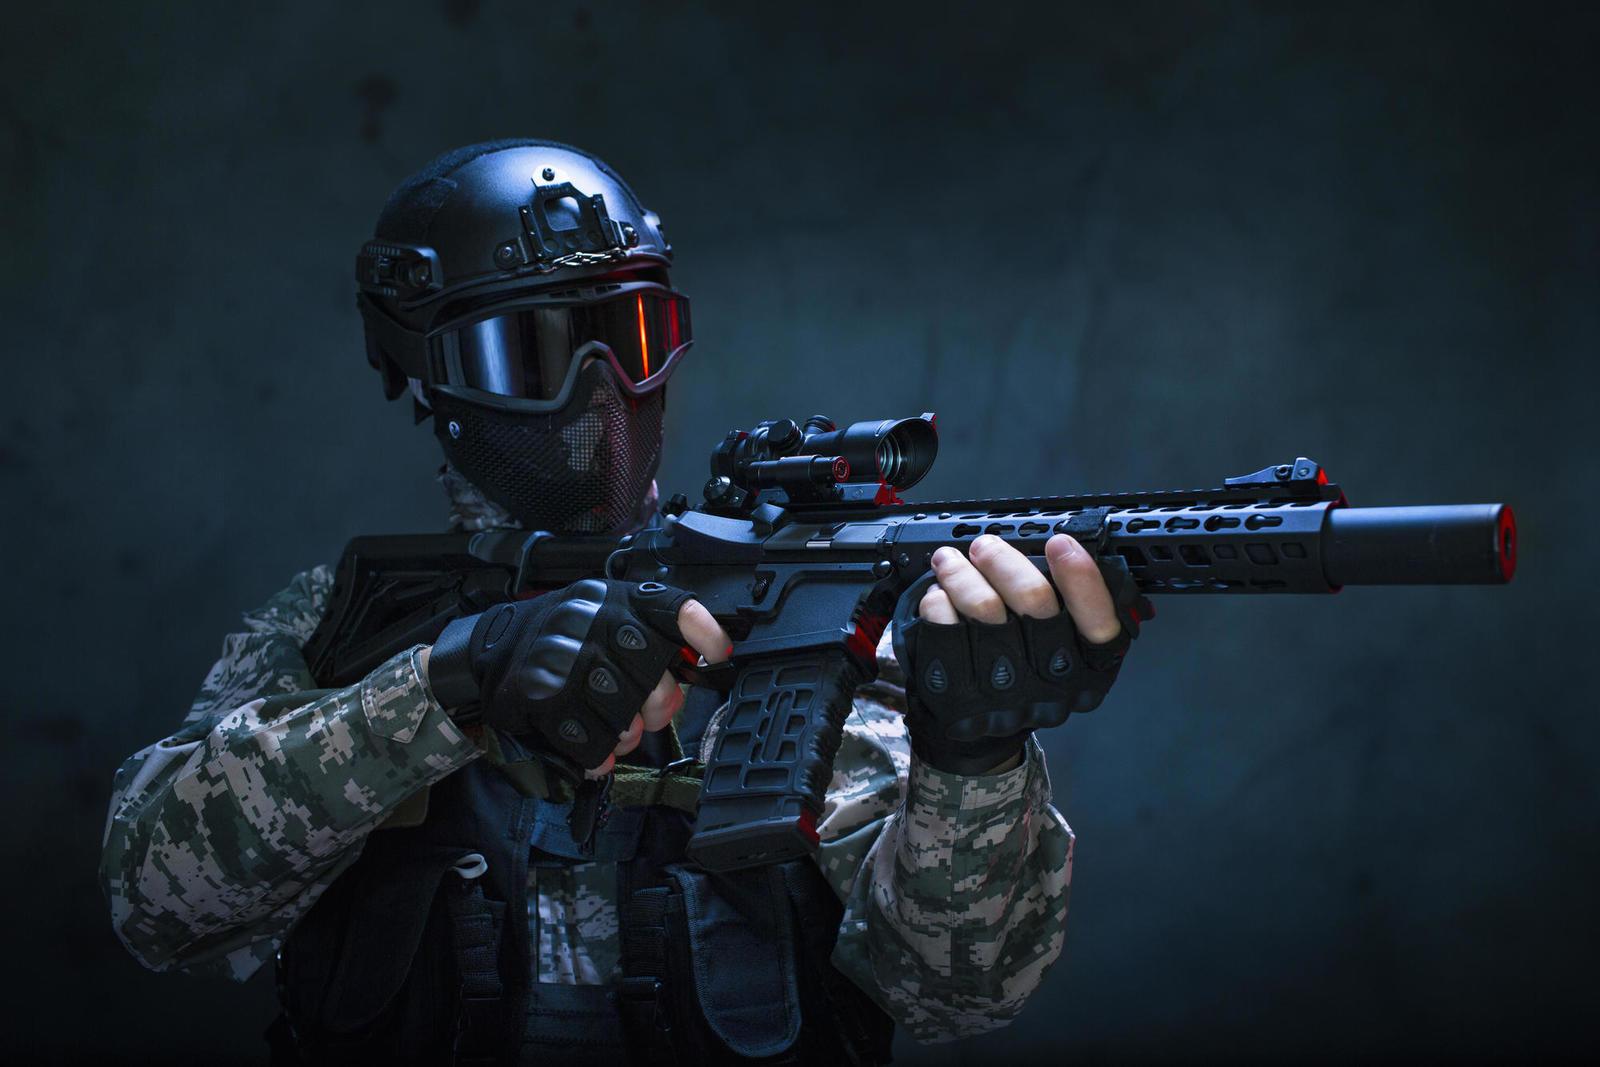 Израильтянин торговал игровым оружием для переделки в огнестрельное для террористов